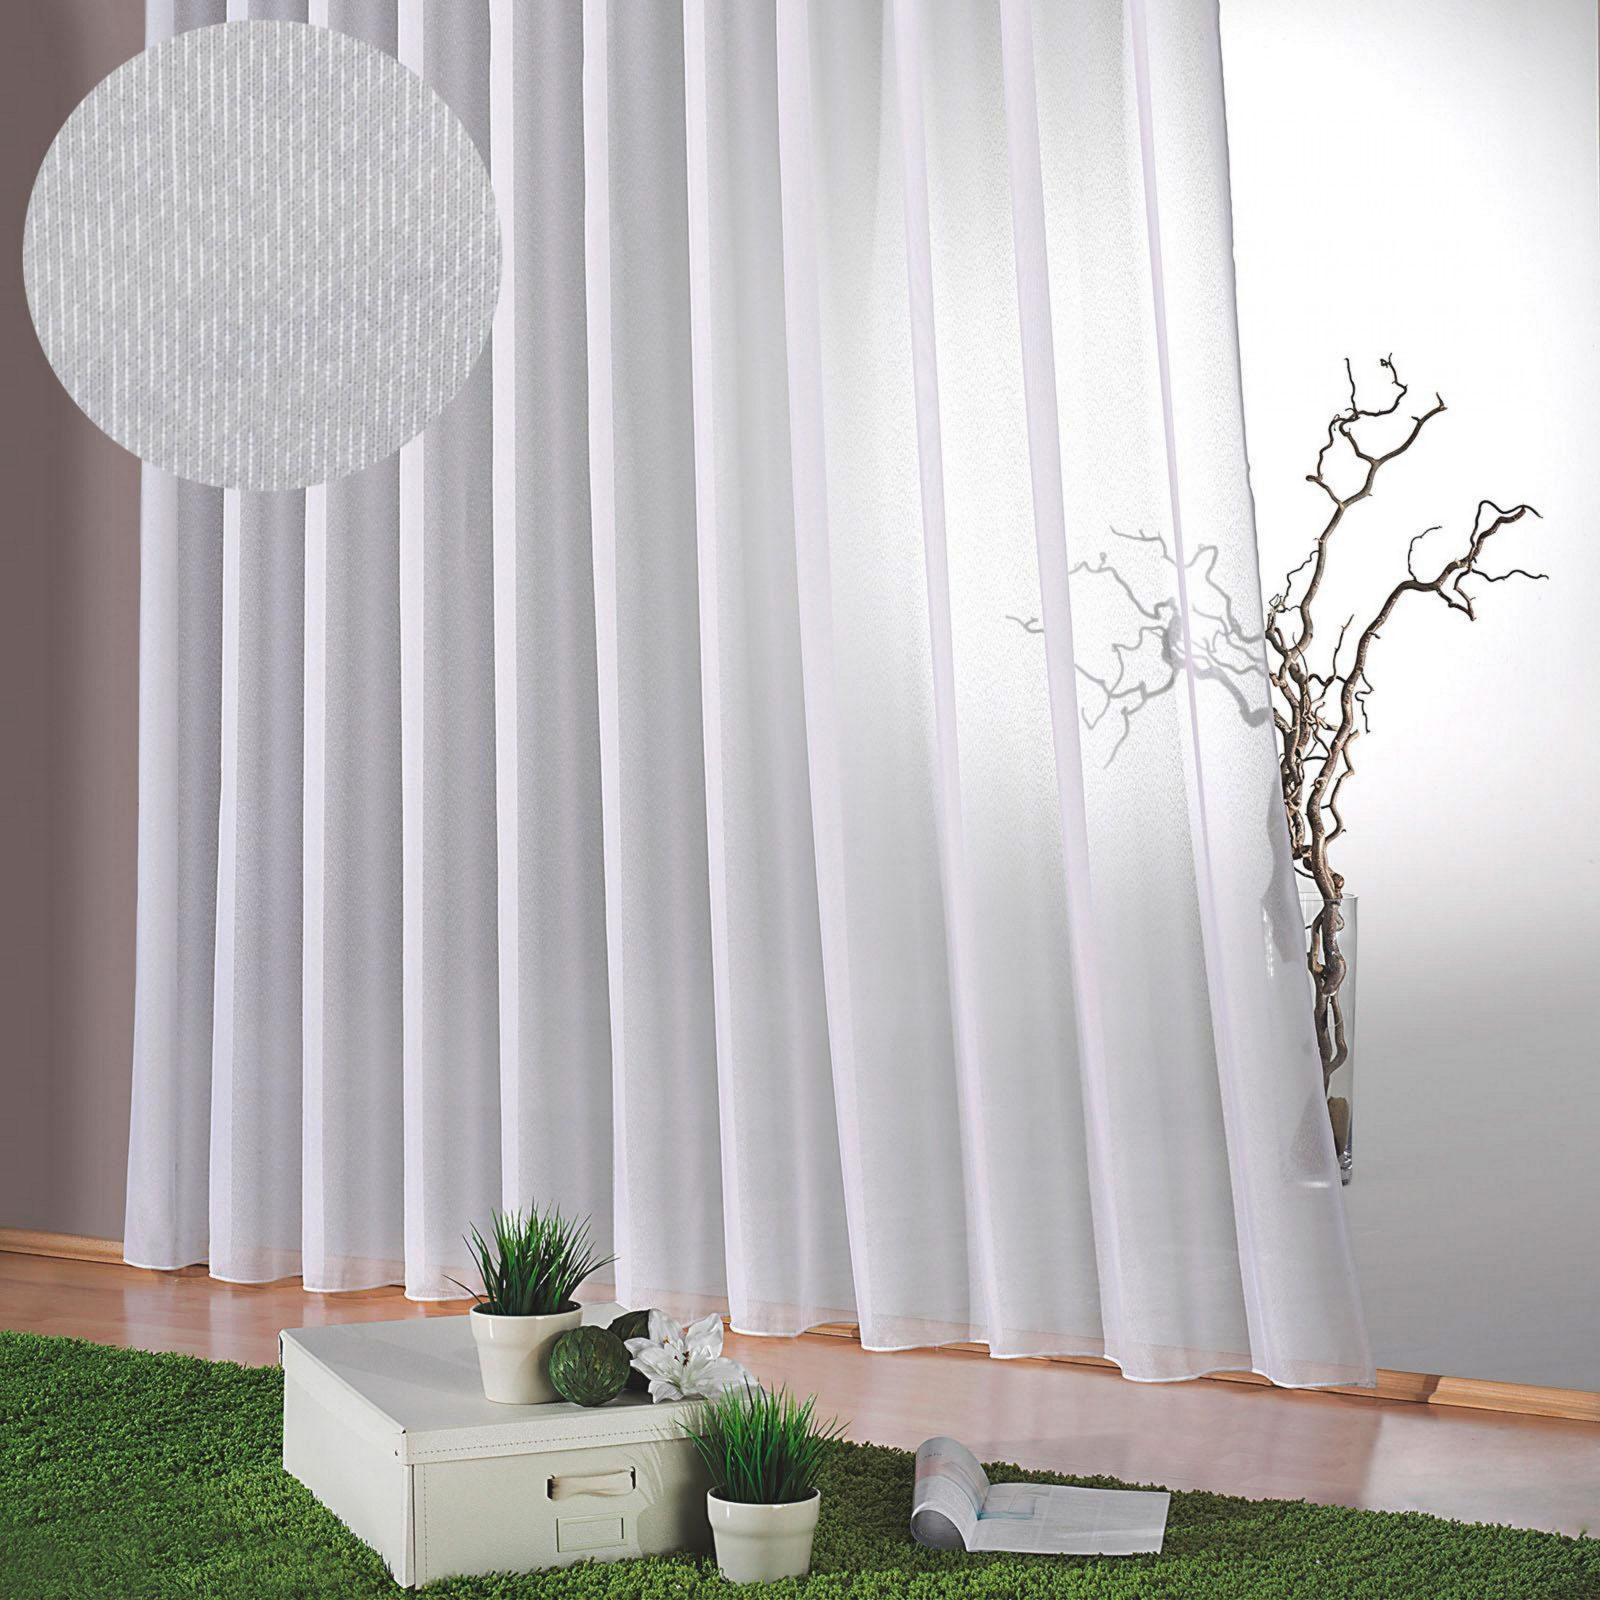 Full Size of Gardinen Für Schlafzimmer Wohnzimmer Scheibengardinen Küche Fenster Die Wohnzimmer Gardinen Nähen